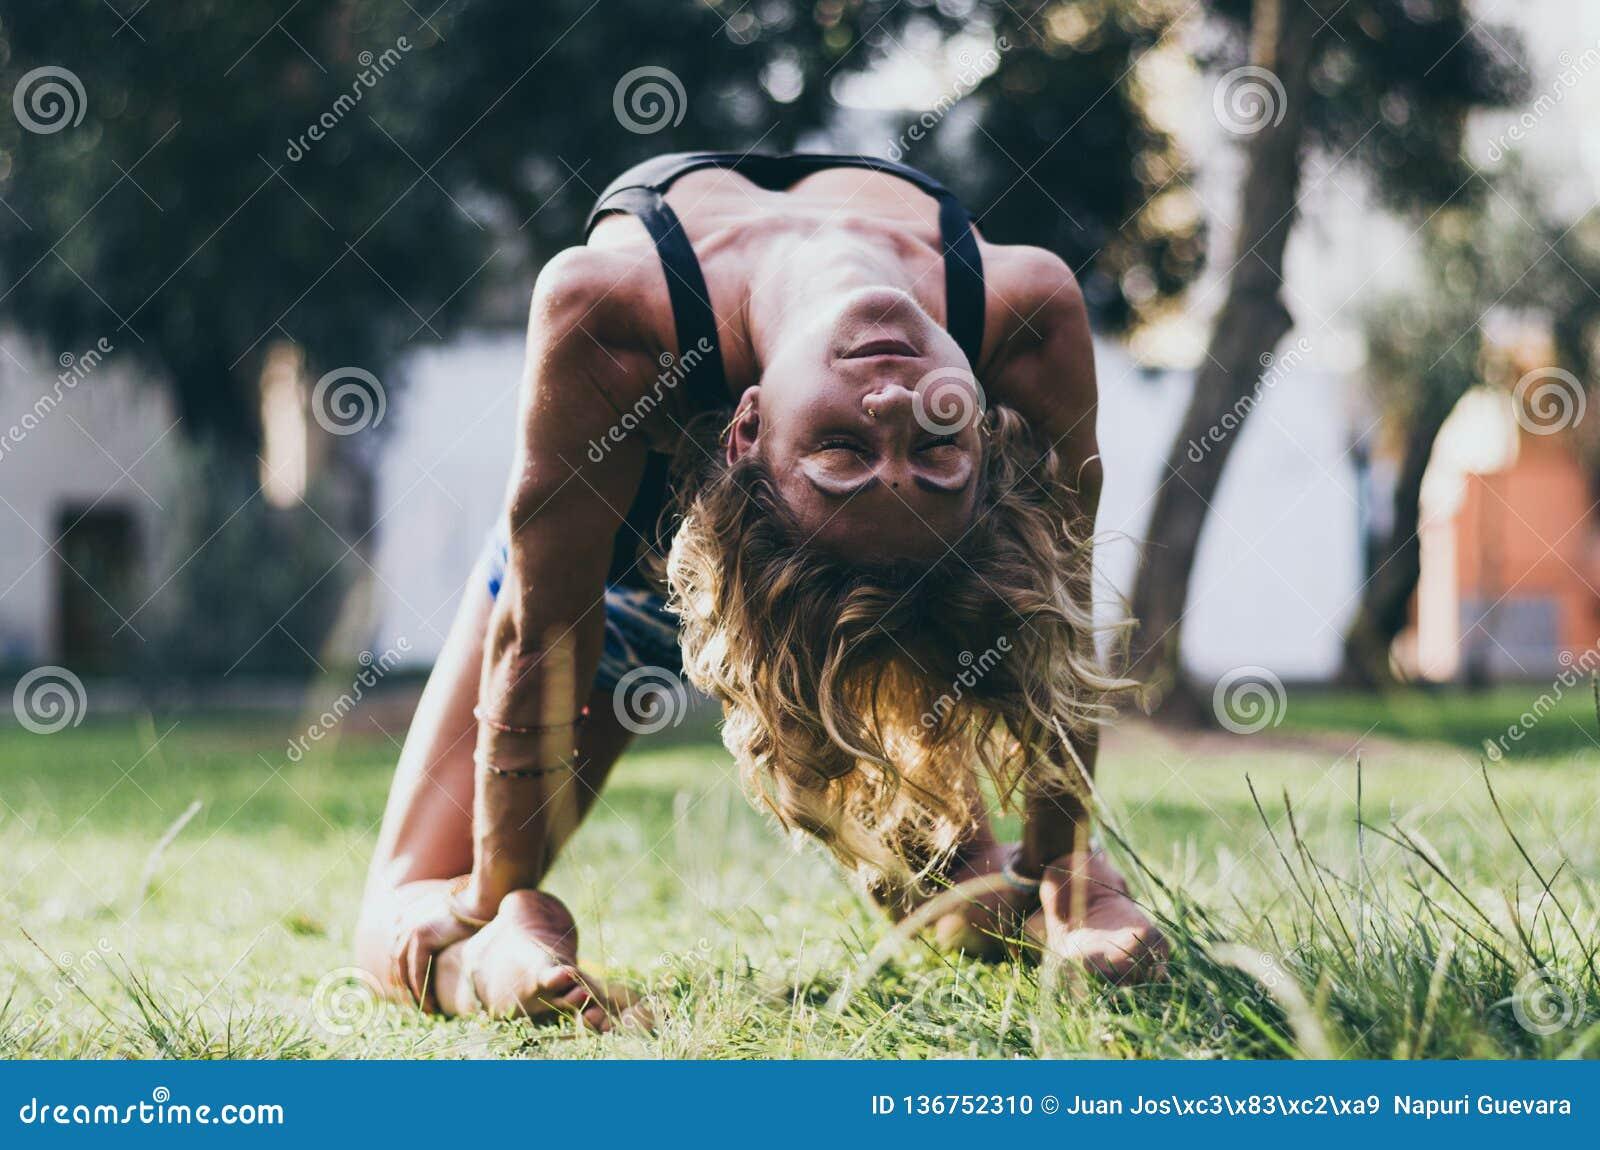 Joga - outdoors młody piękny nikły kobiety joga instruktor robi wielbłądziemu pozy Ustrasana asana ćwiczeniu outdoors